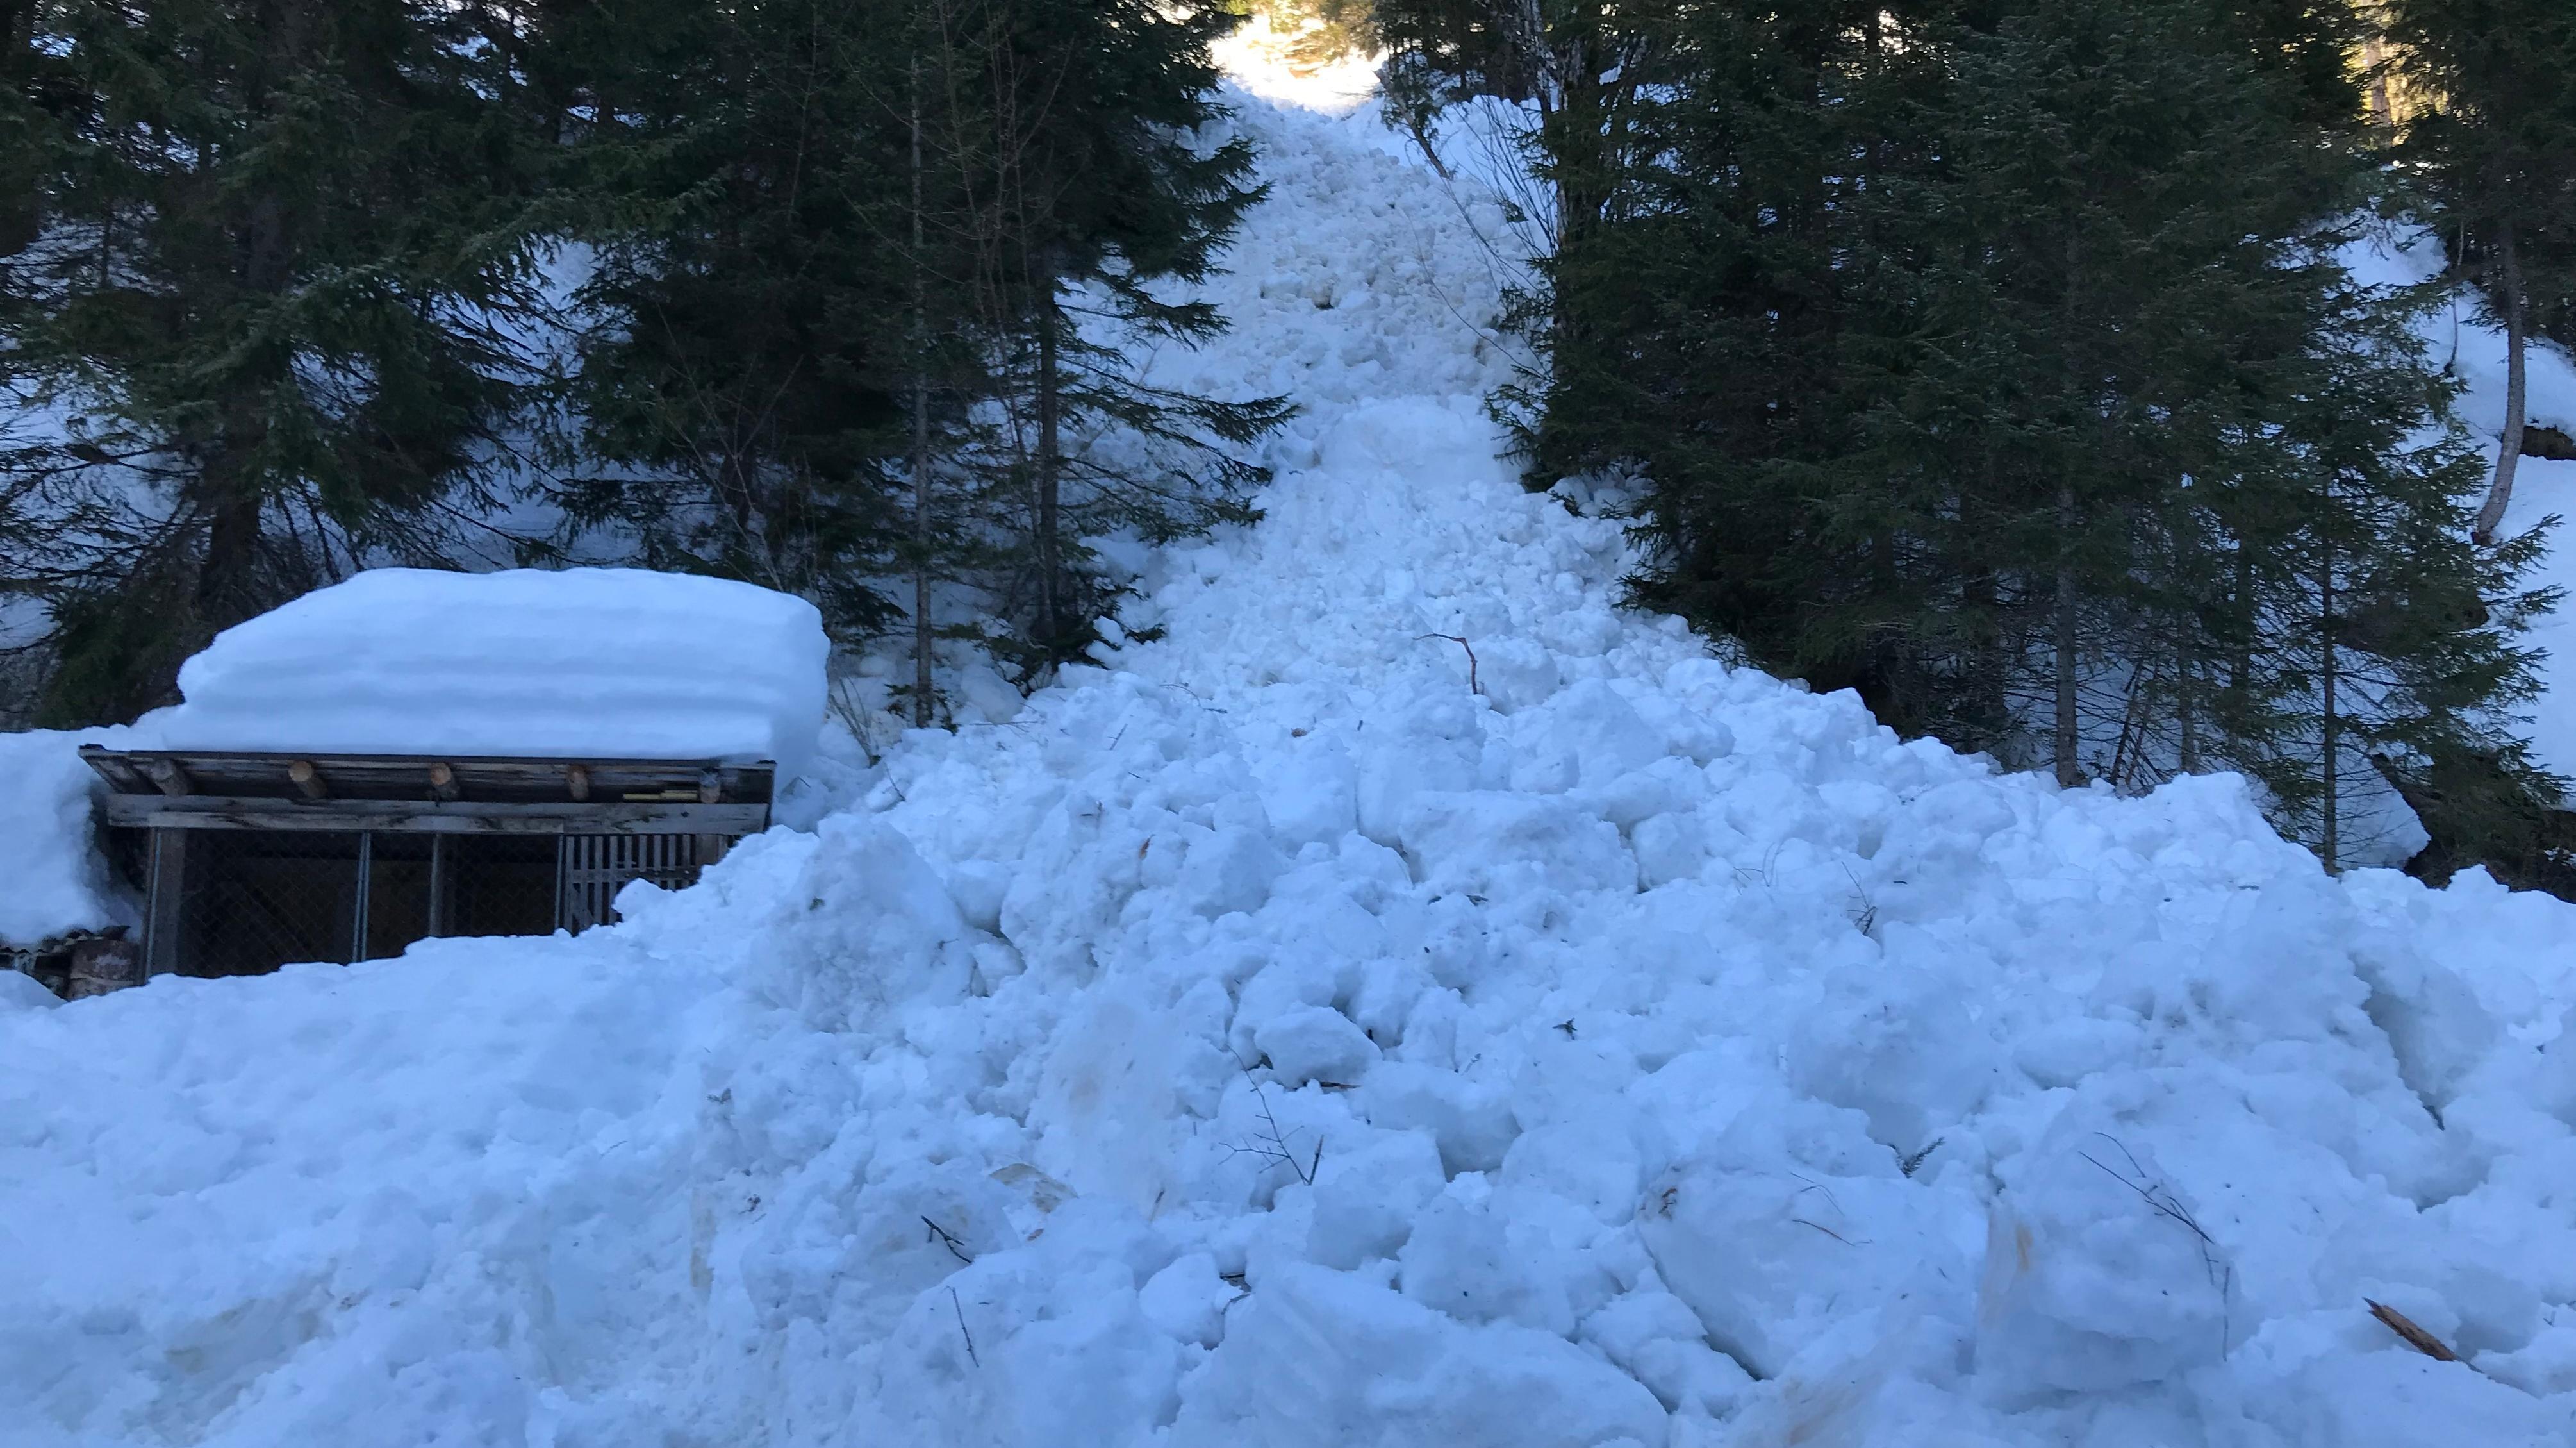 Stark komprimierter Schnee am Fuß des Hangs